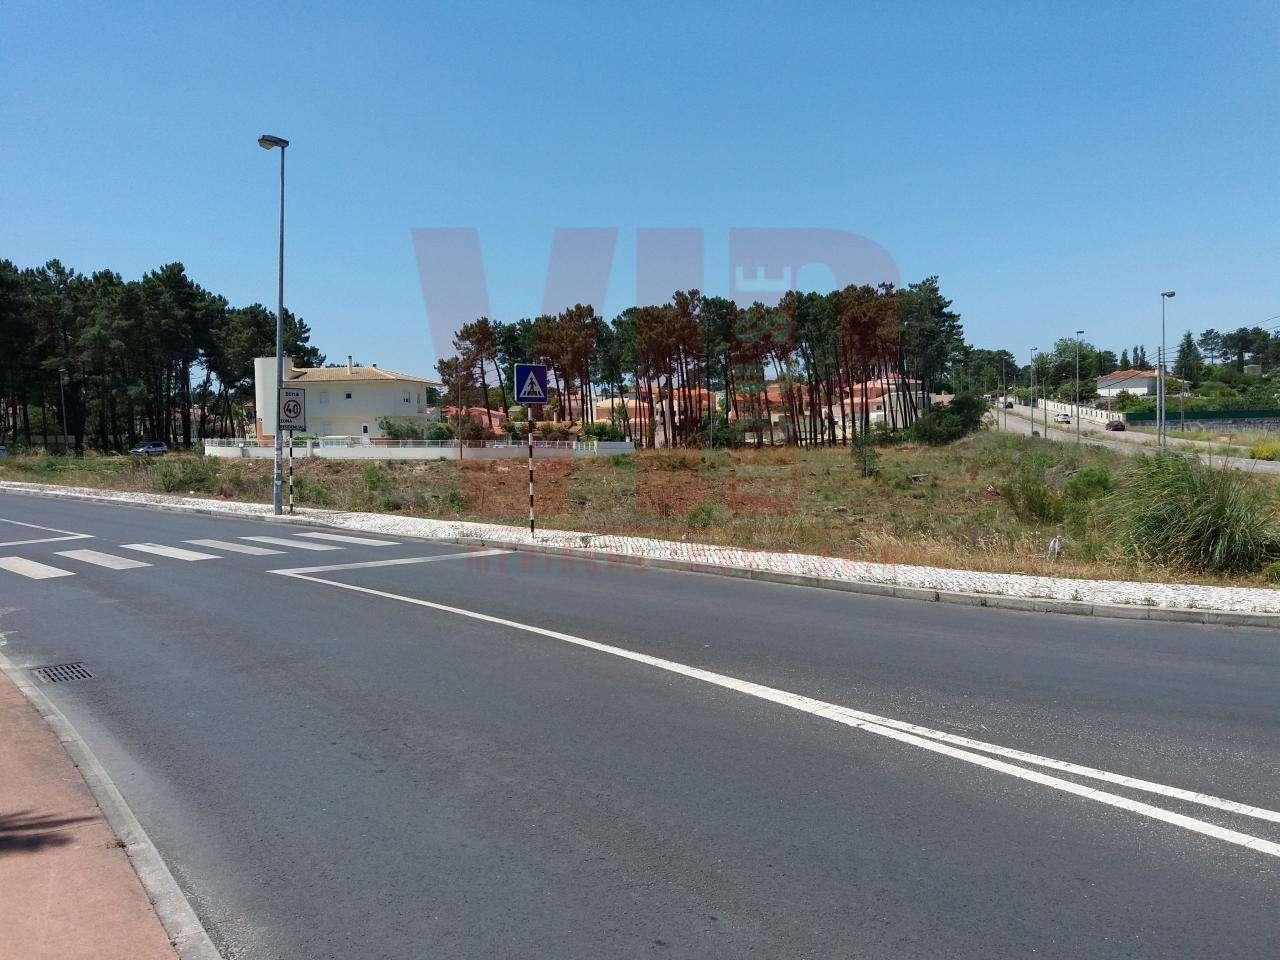 Terreno para comprar, Corroios, Seixal, Setúbal - Foto 11